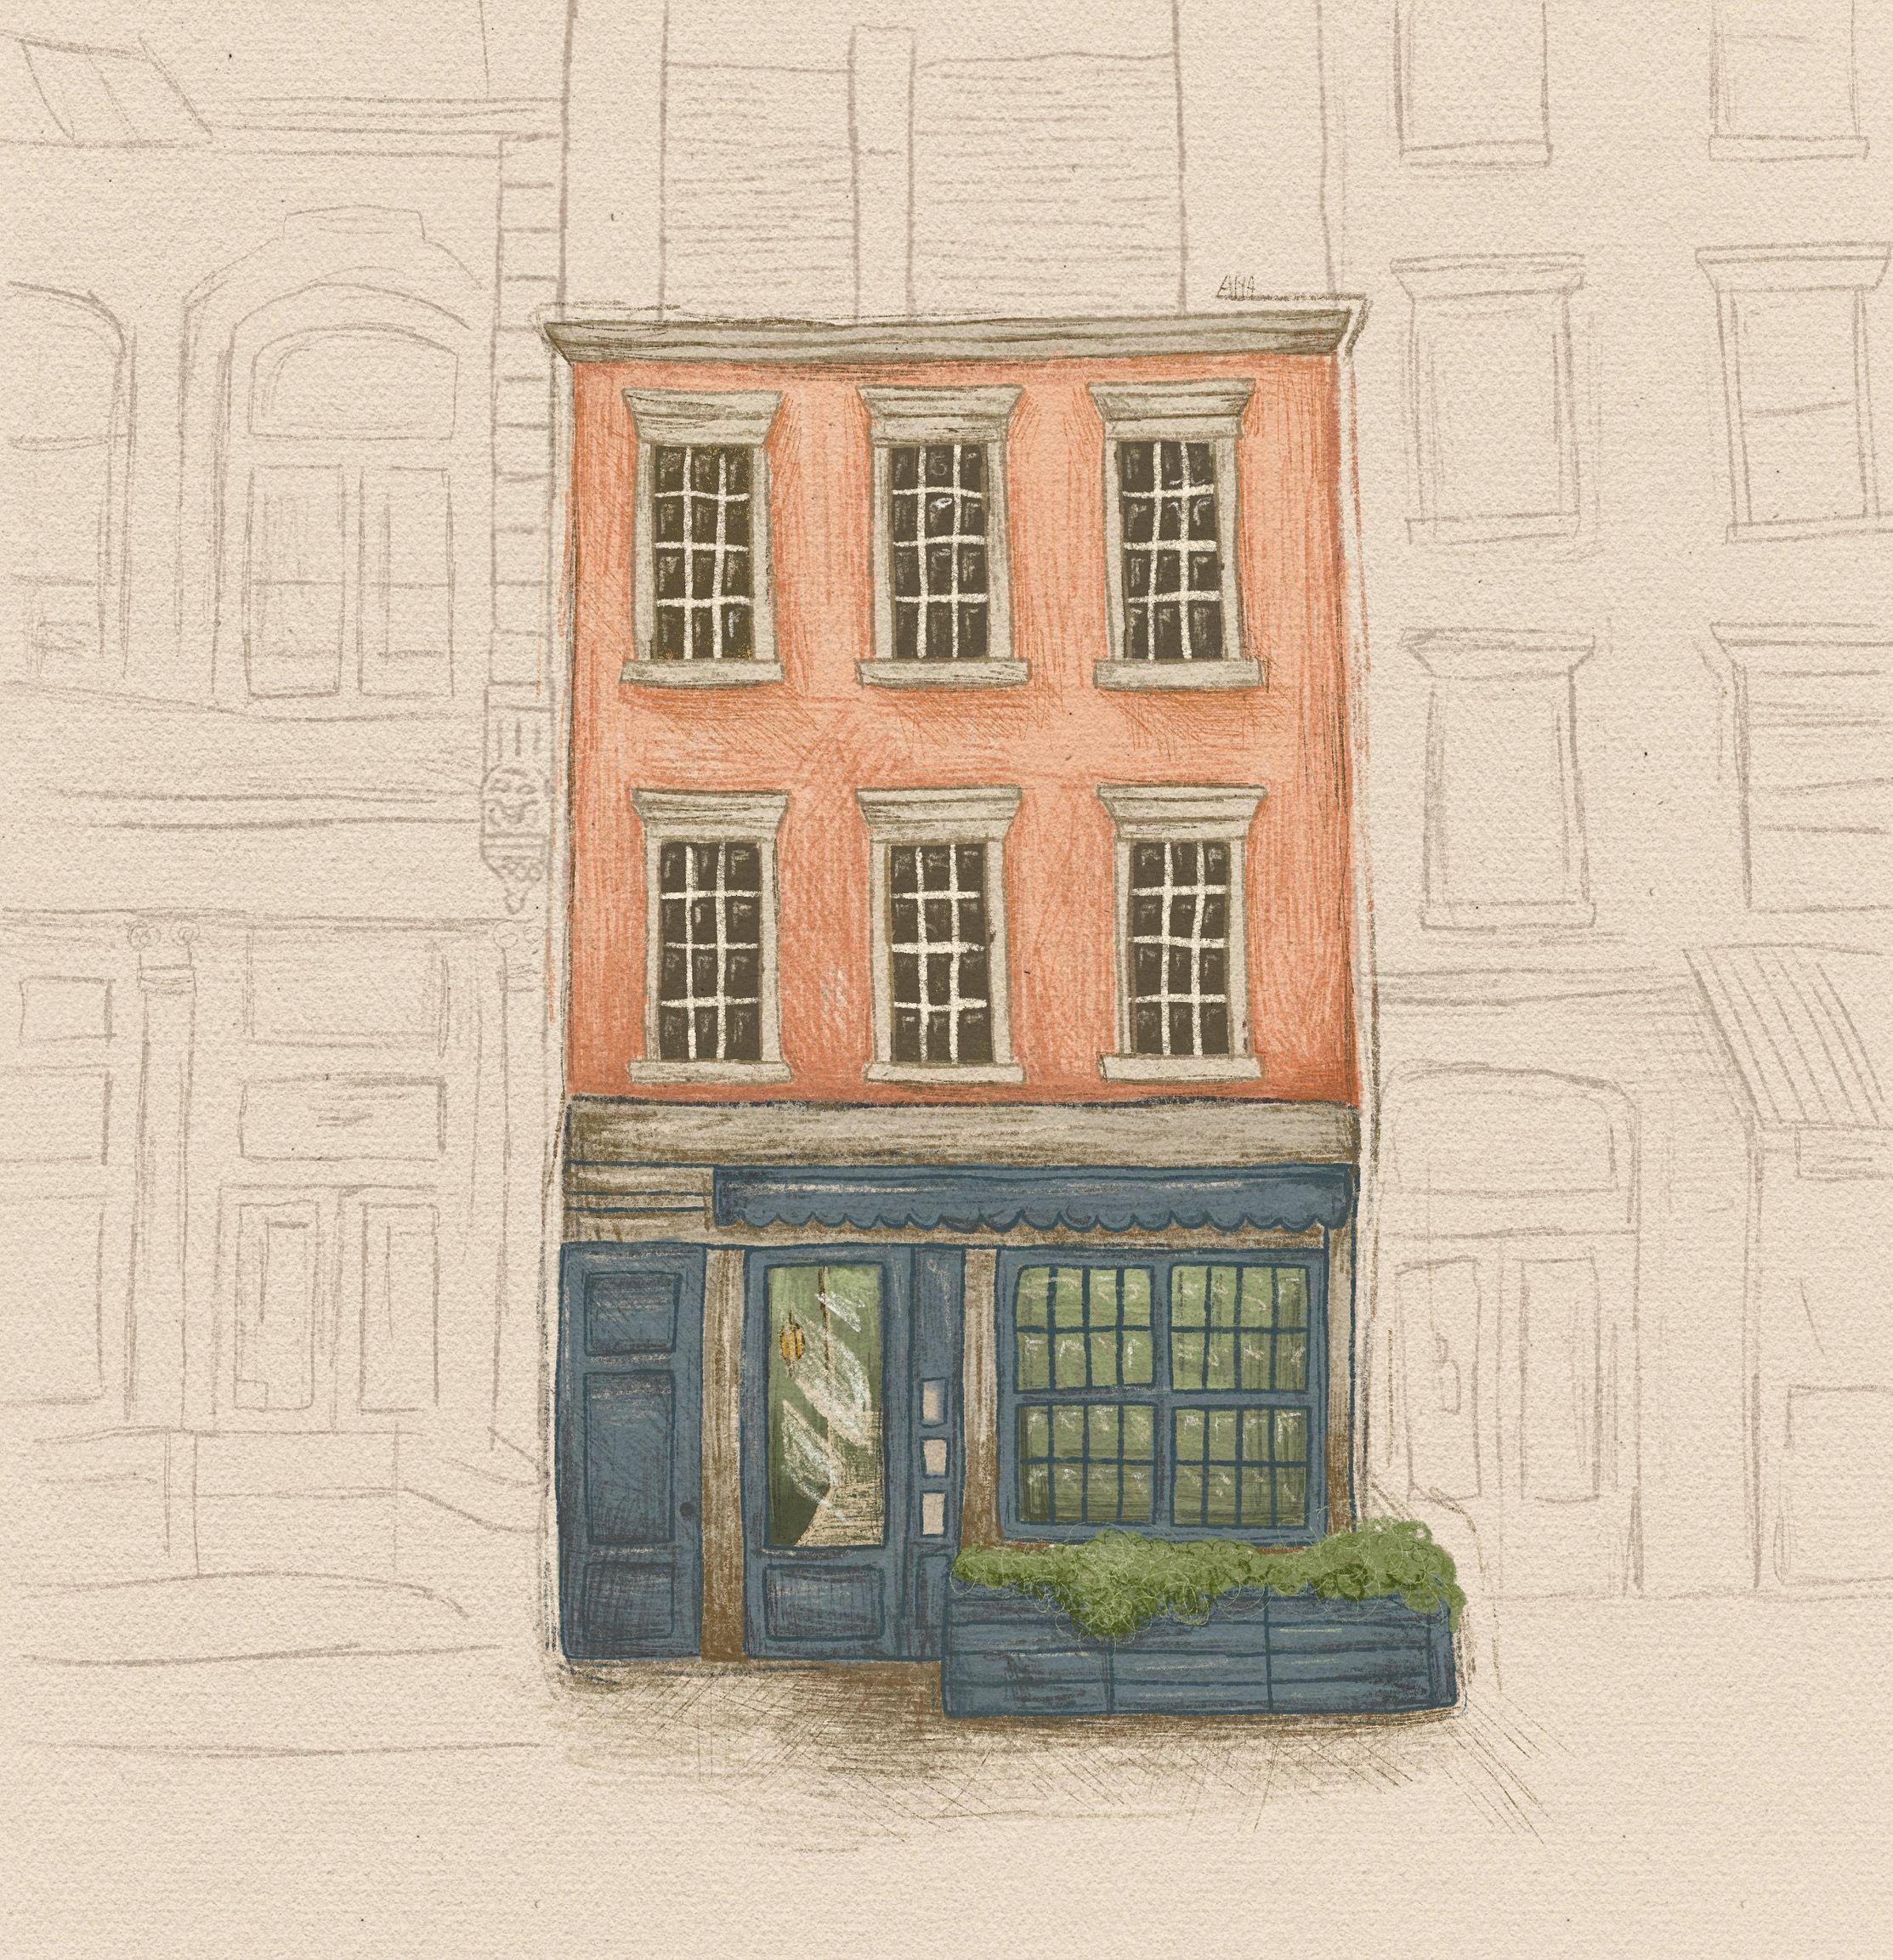 #illustration #illustratie #art #urbansketching #urbansketch #sketch